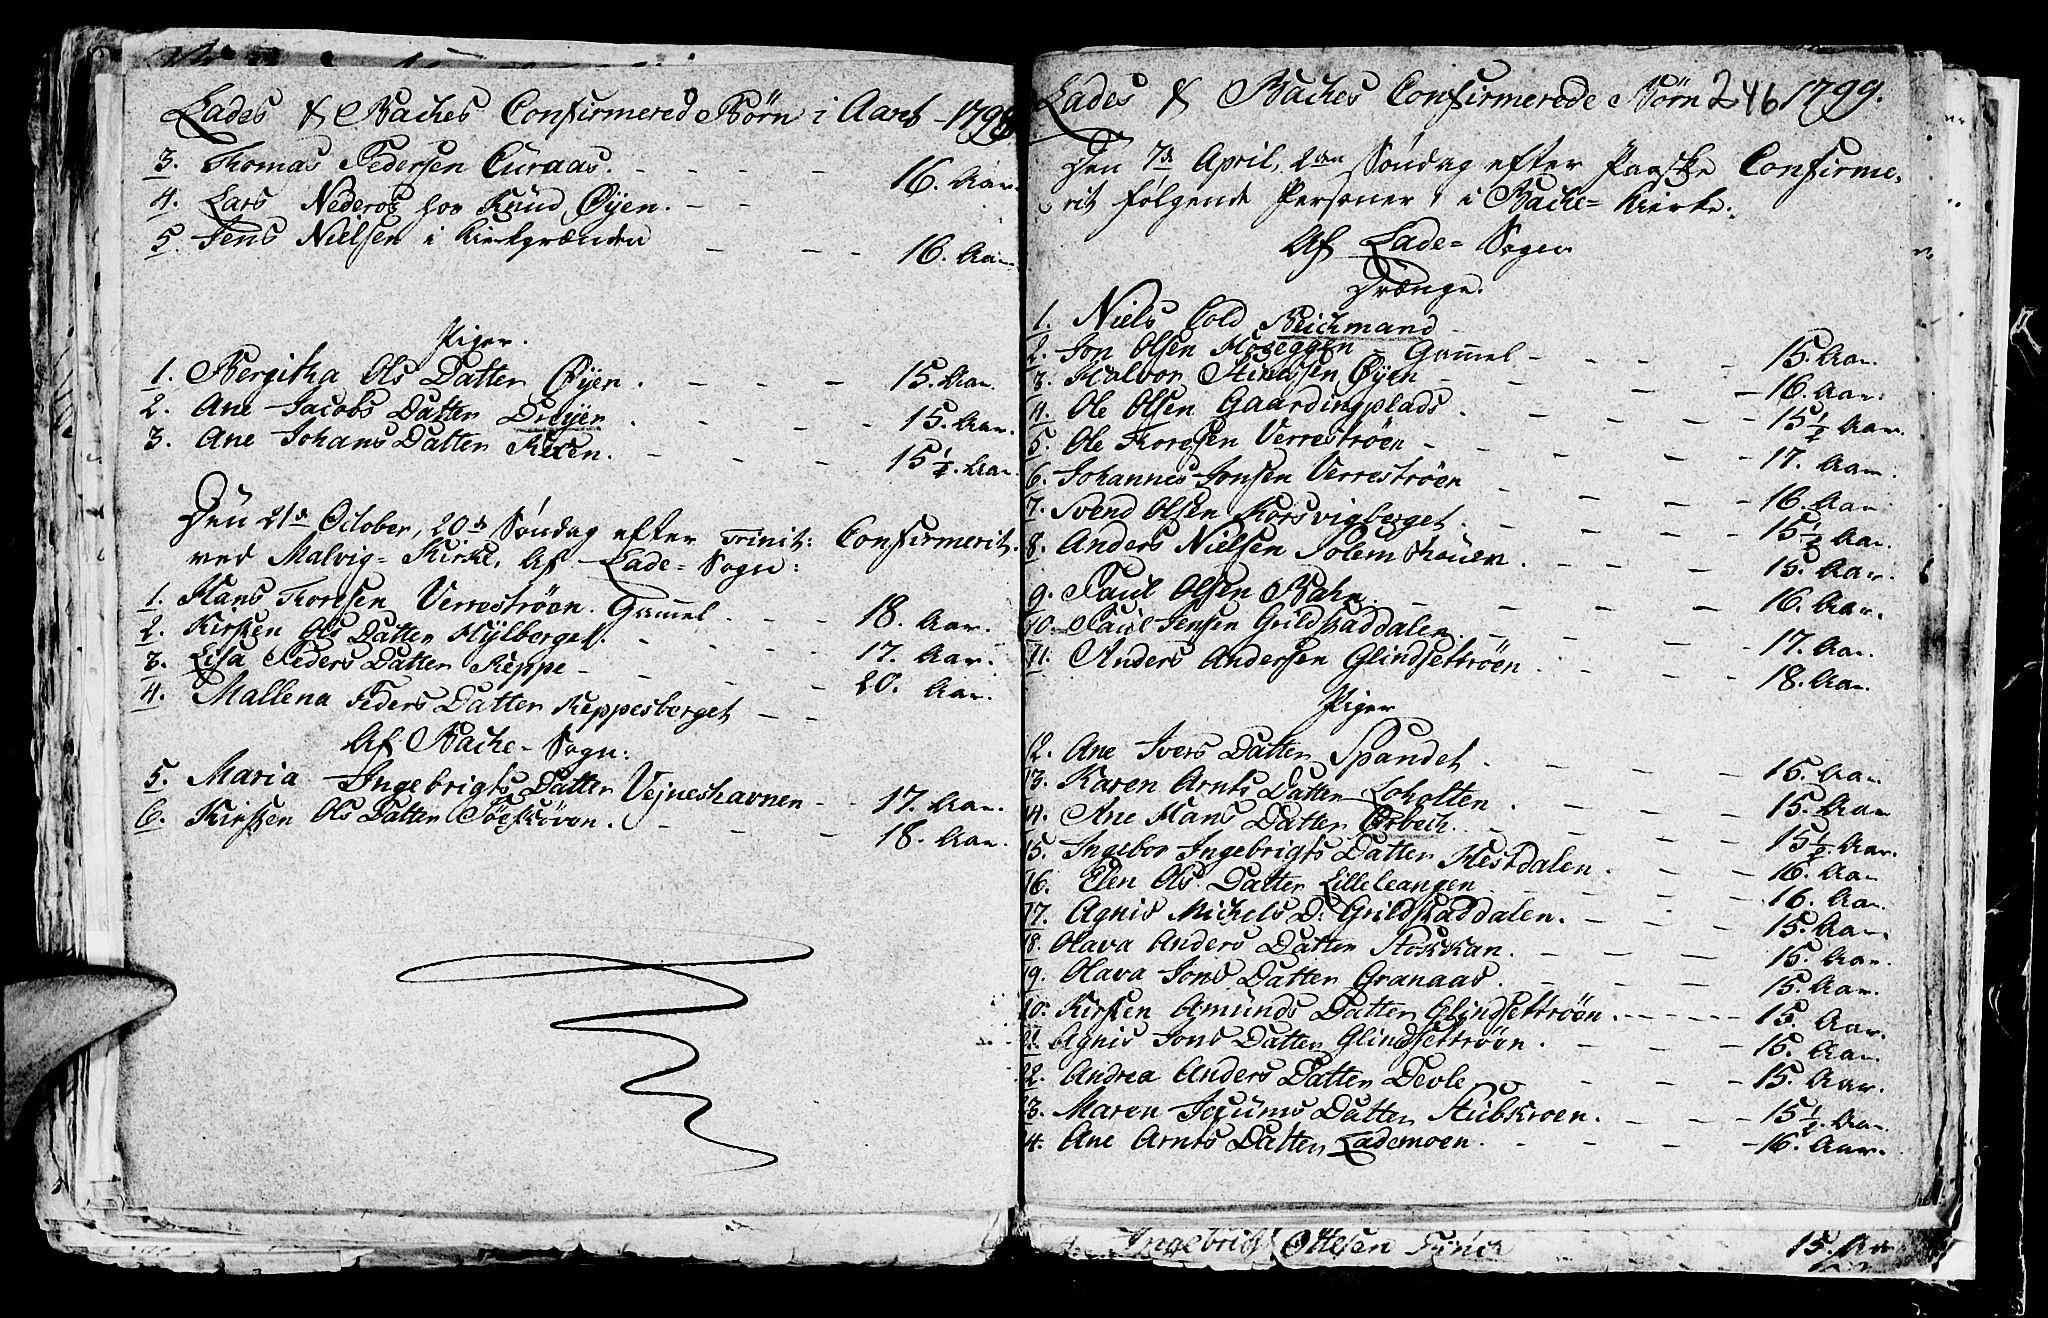 SAT, Ministerialprotokoller, klokkerbøker og fødselsregistre - Sør-Trøndelag, 604/L0218: Klokkerbok nr. 604C01, 1754-1819, s. 246